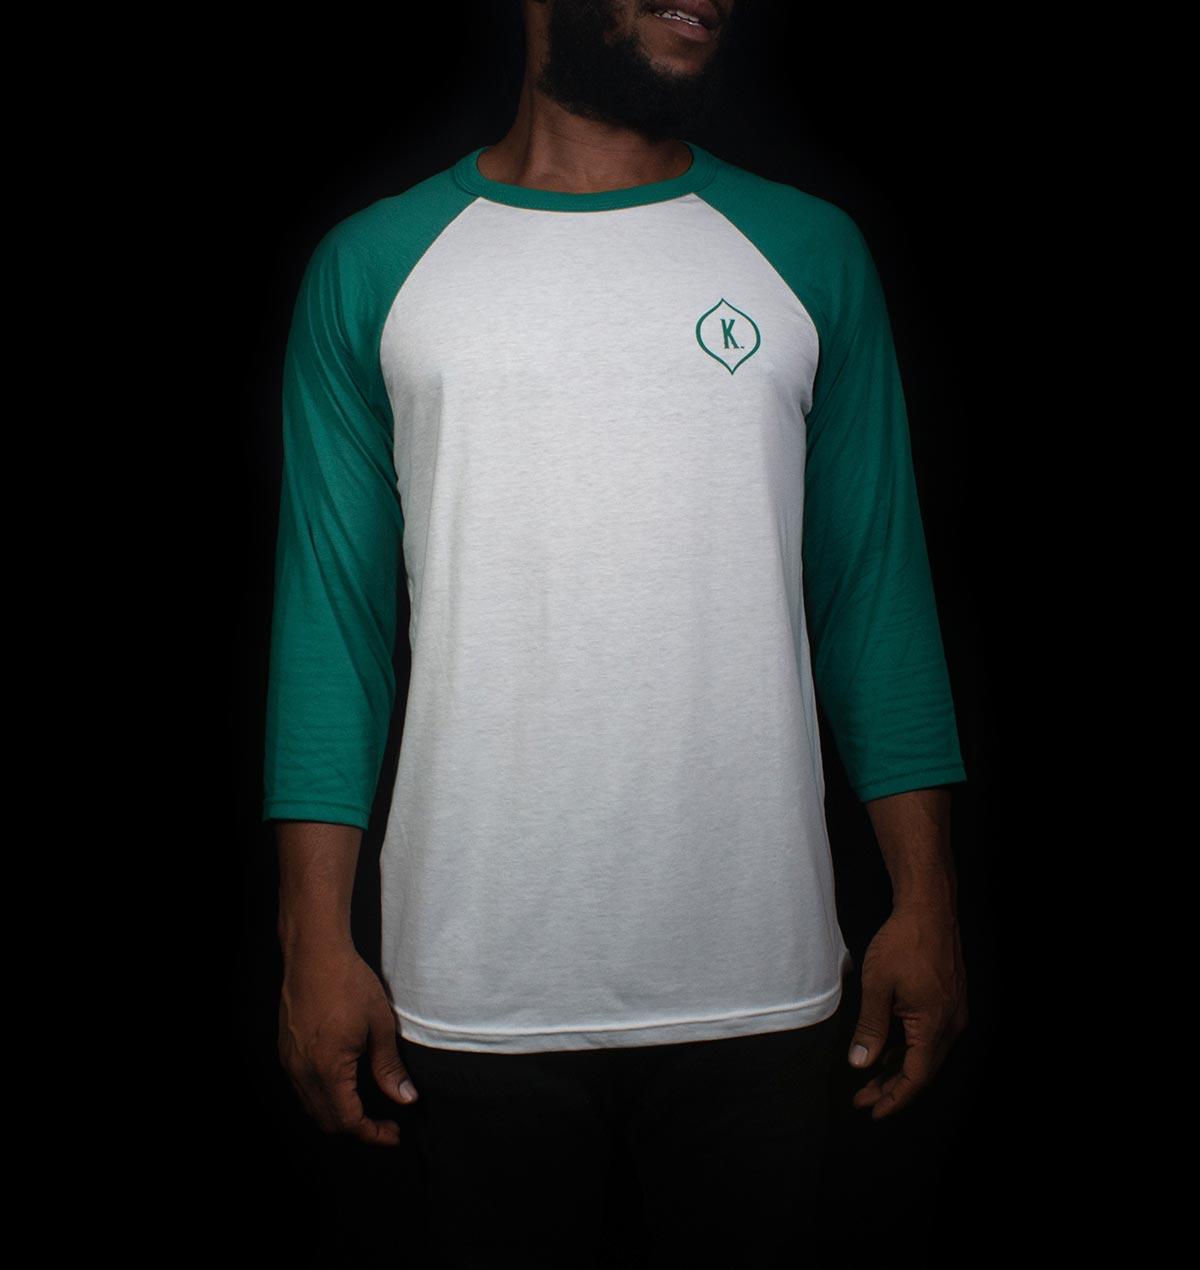 Kaya Baseball t-shirt with green sleeves